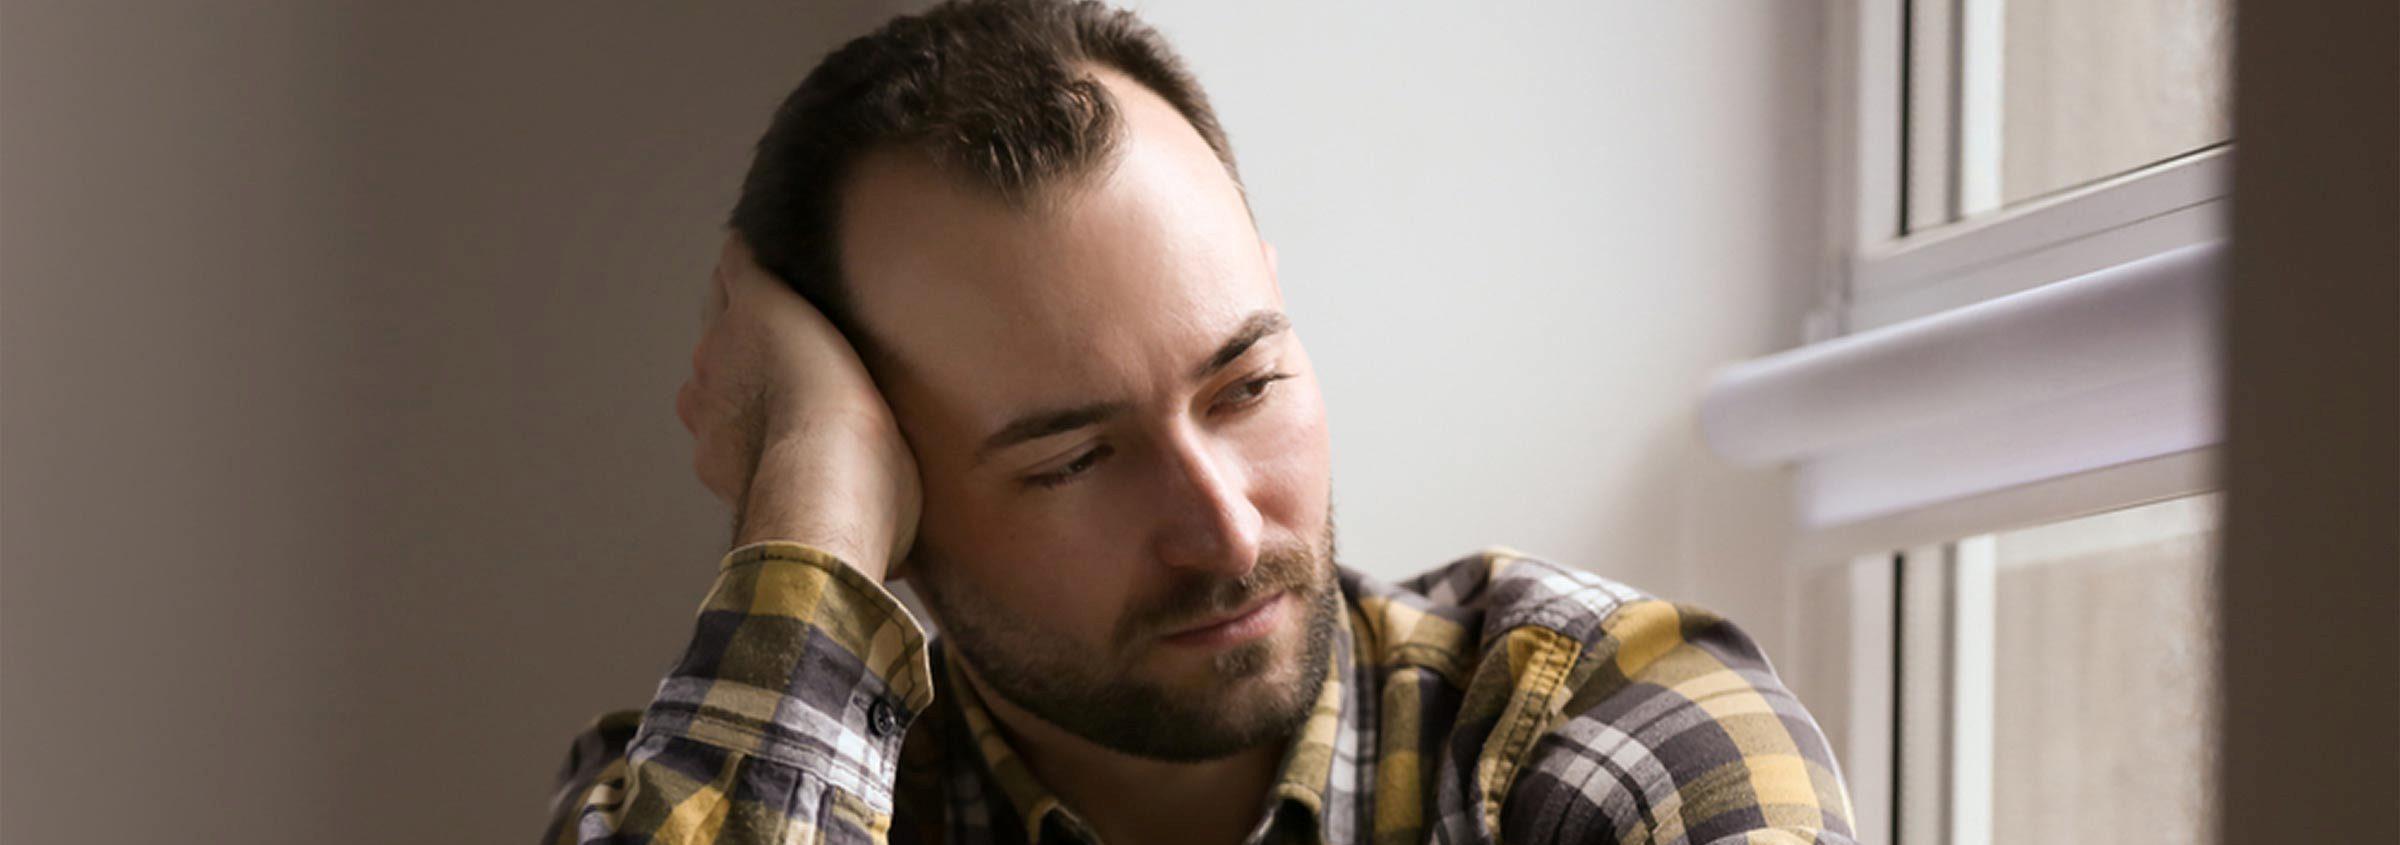 Avanafil mužské problémy tabletky na zlepšení erekce